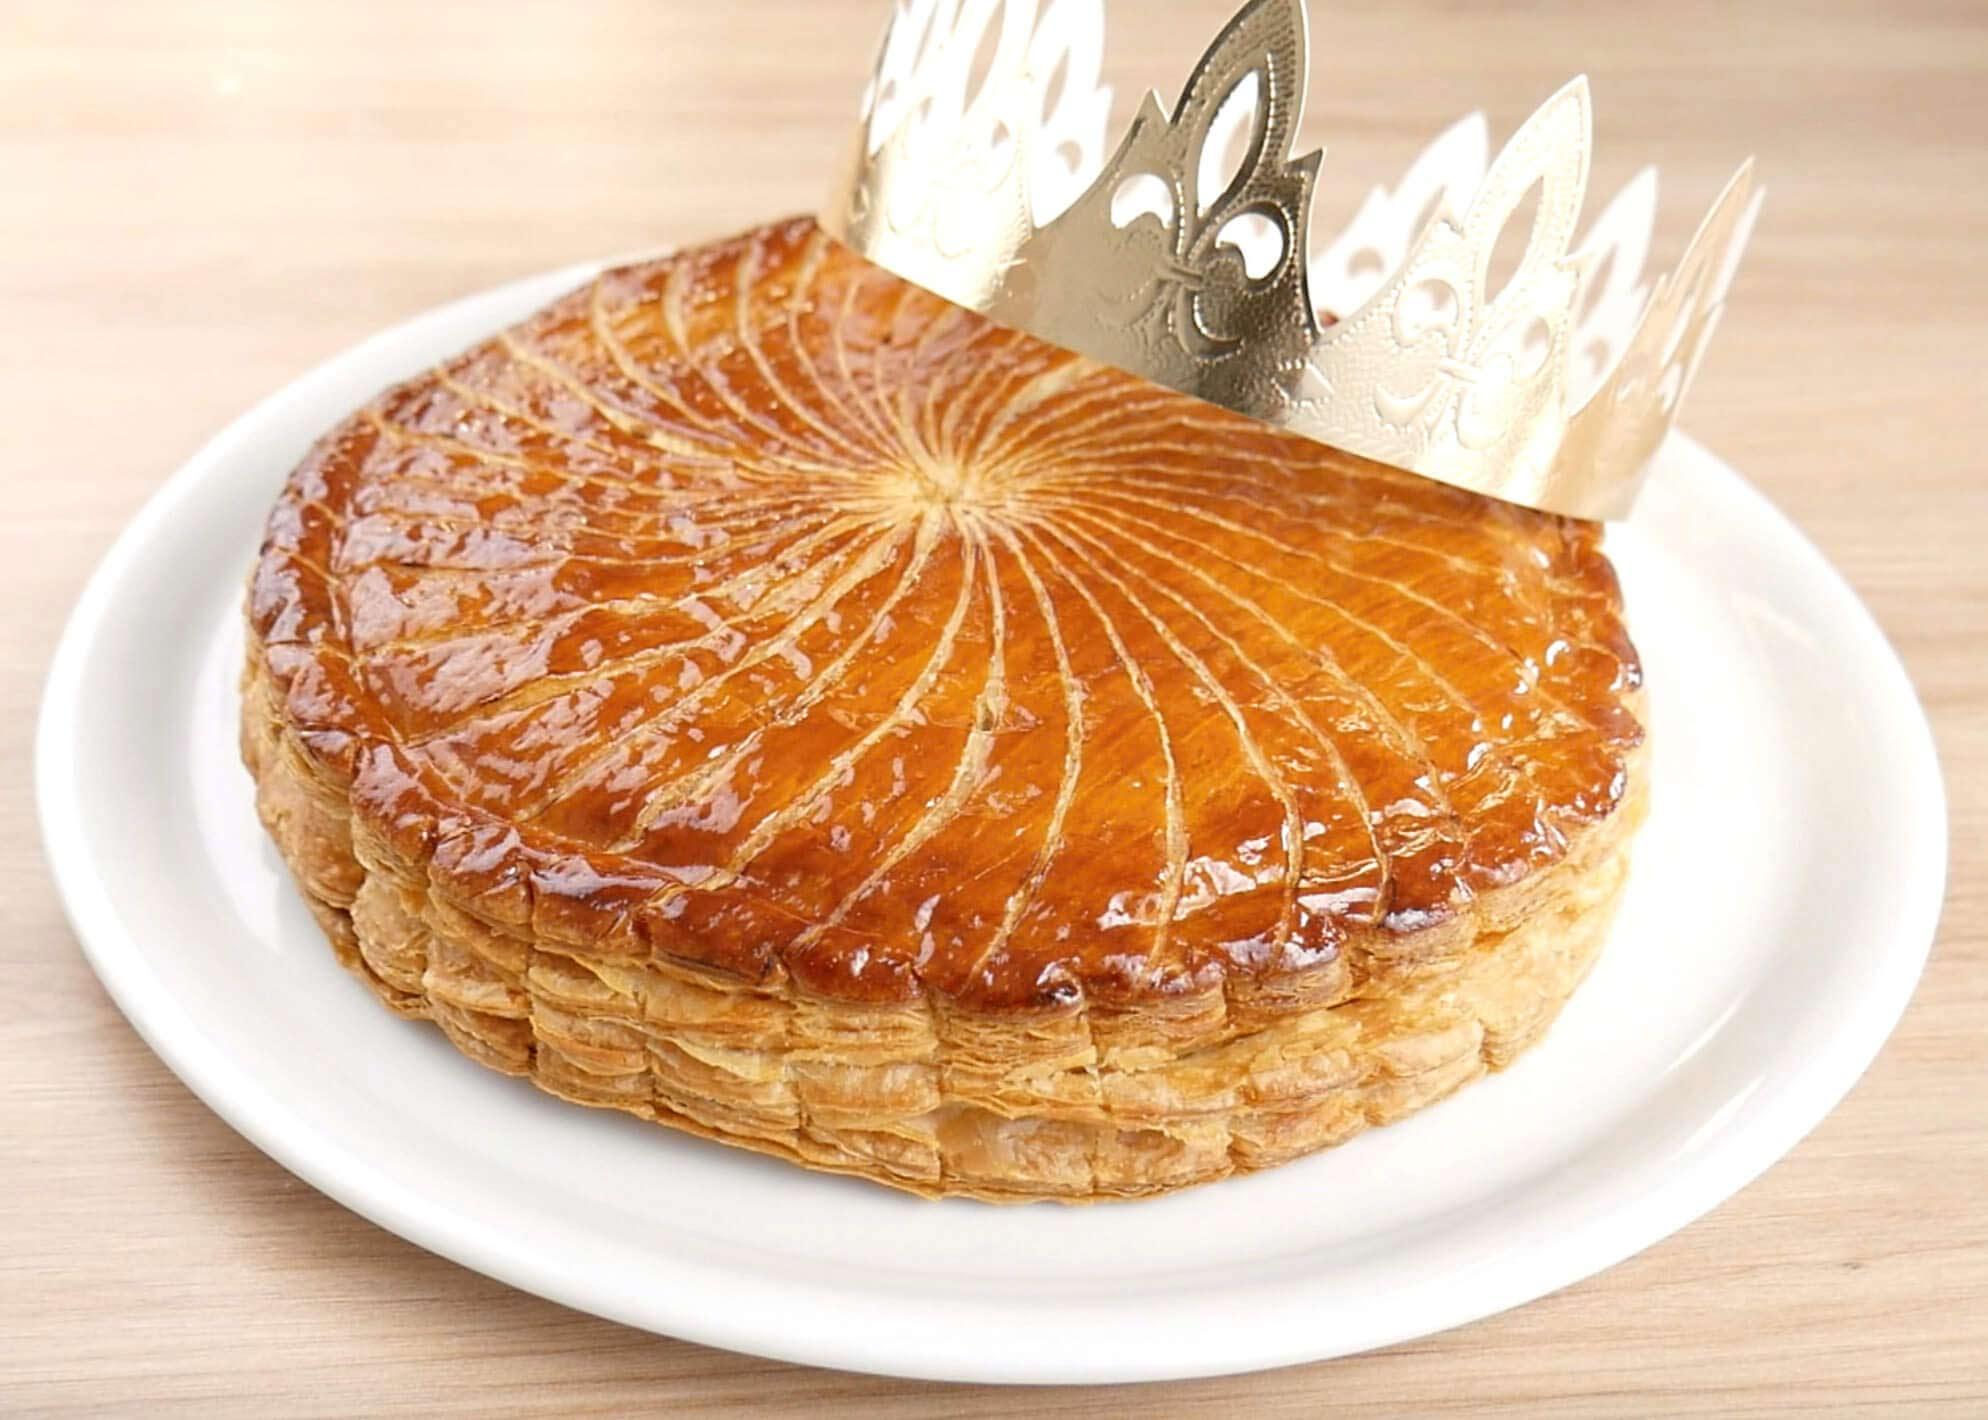 Galette des rois de boulanger